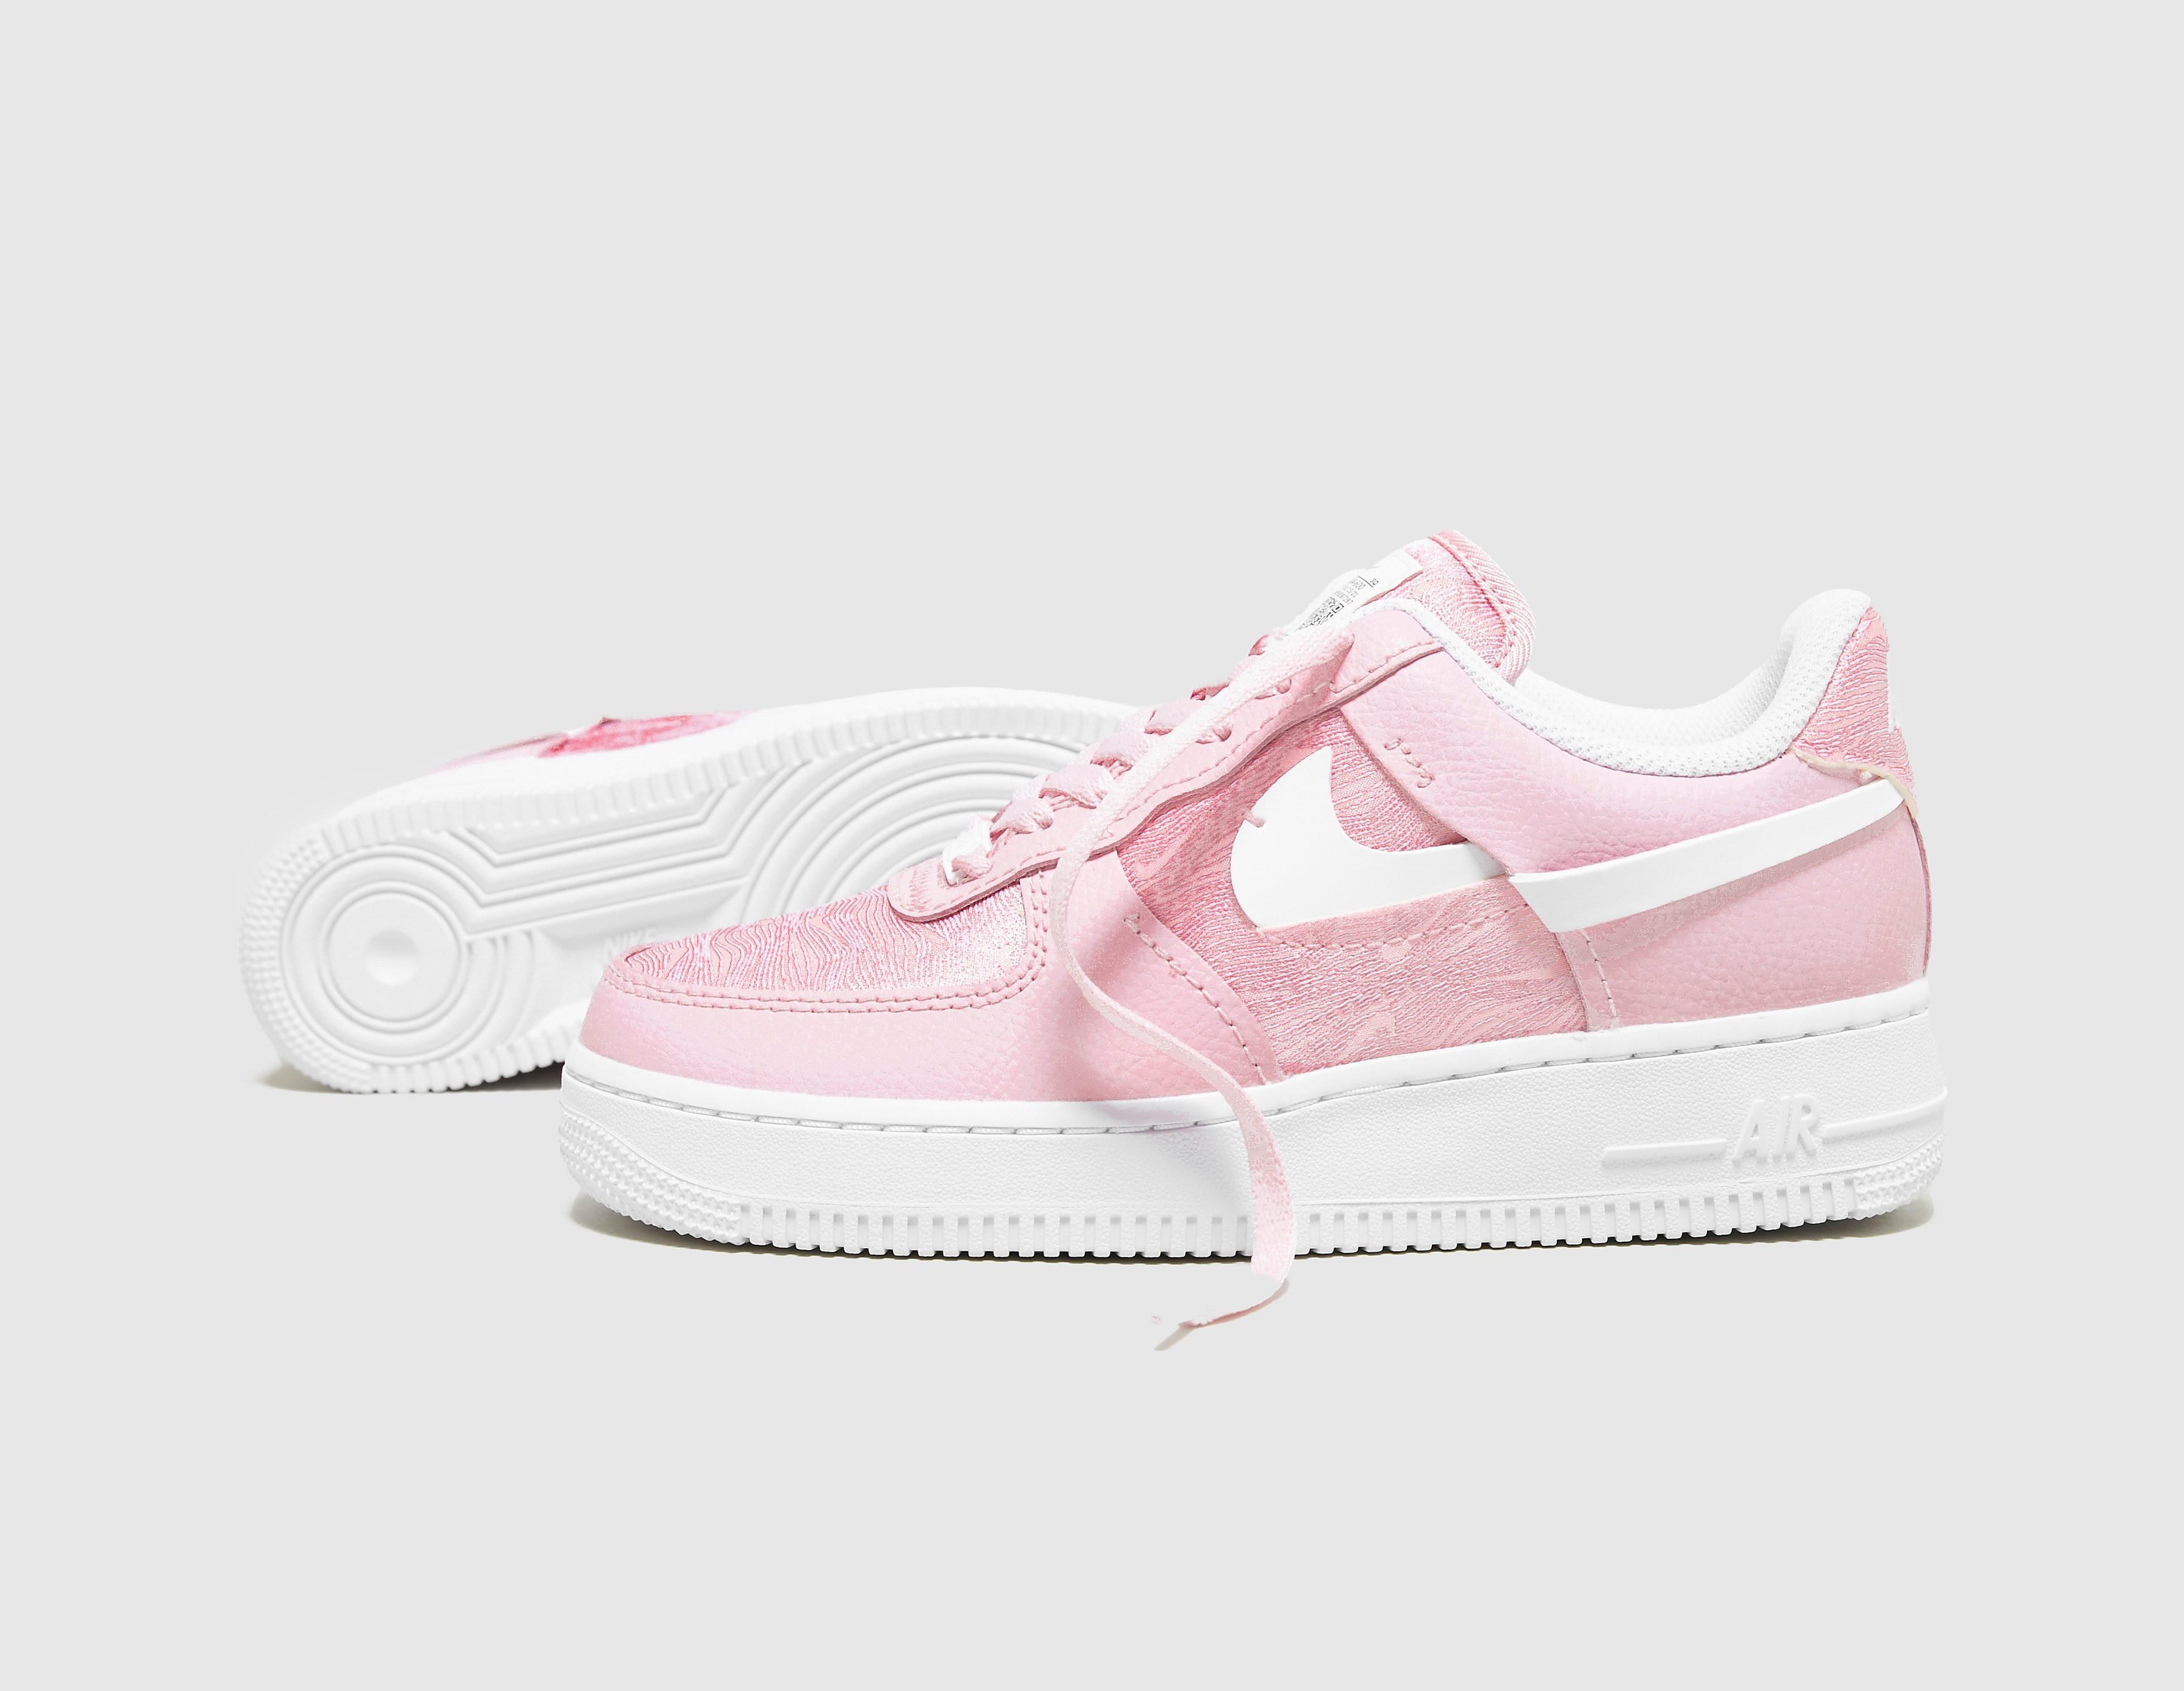 Air Force 1 LXX Femme Nike pour homme en coloris Rose - Lyst